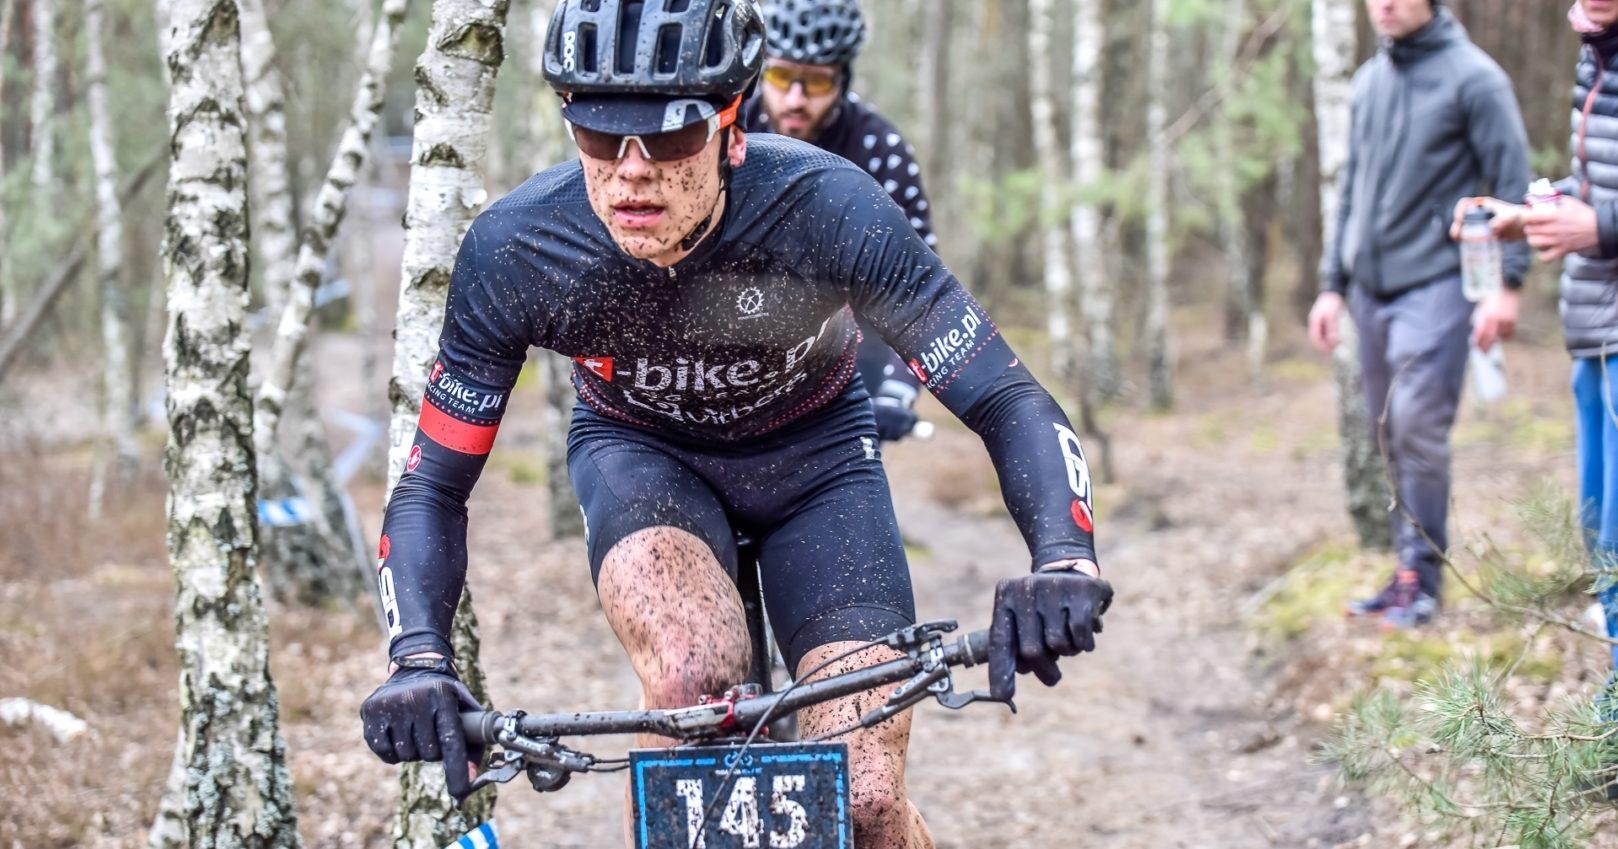 """Mateusz Rejch (t-bike.pl Racing Team): """"każdy chciał jak najszybciej wpaść w radosne objęcia piątej strefy tętna"""" – Mała Liga XC, Józefów"""